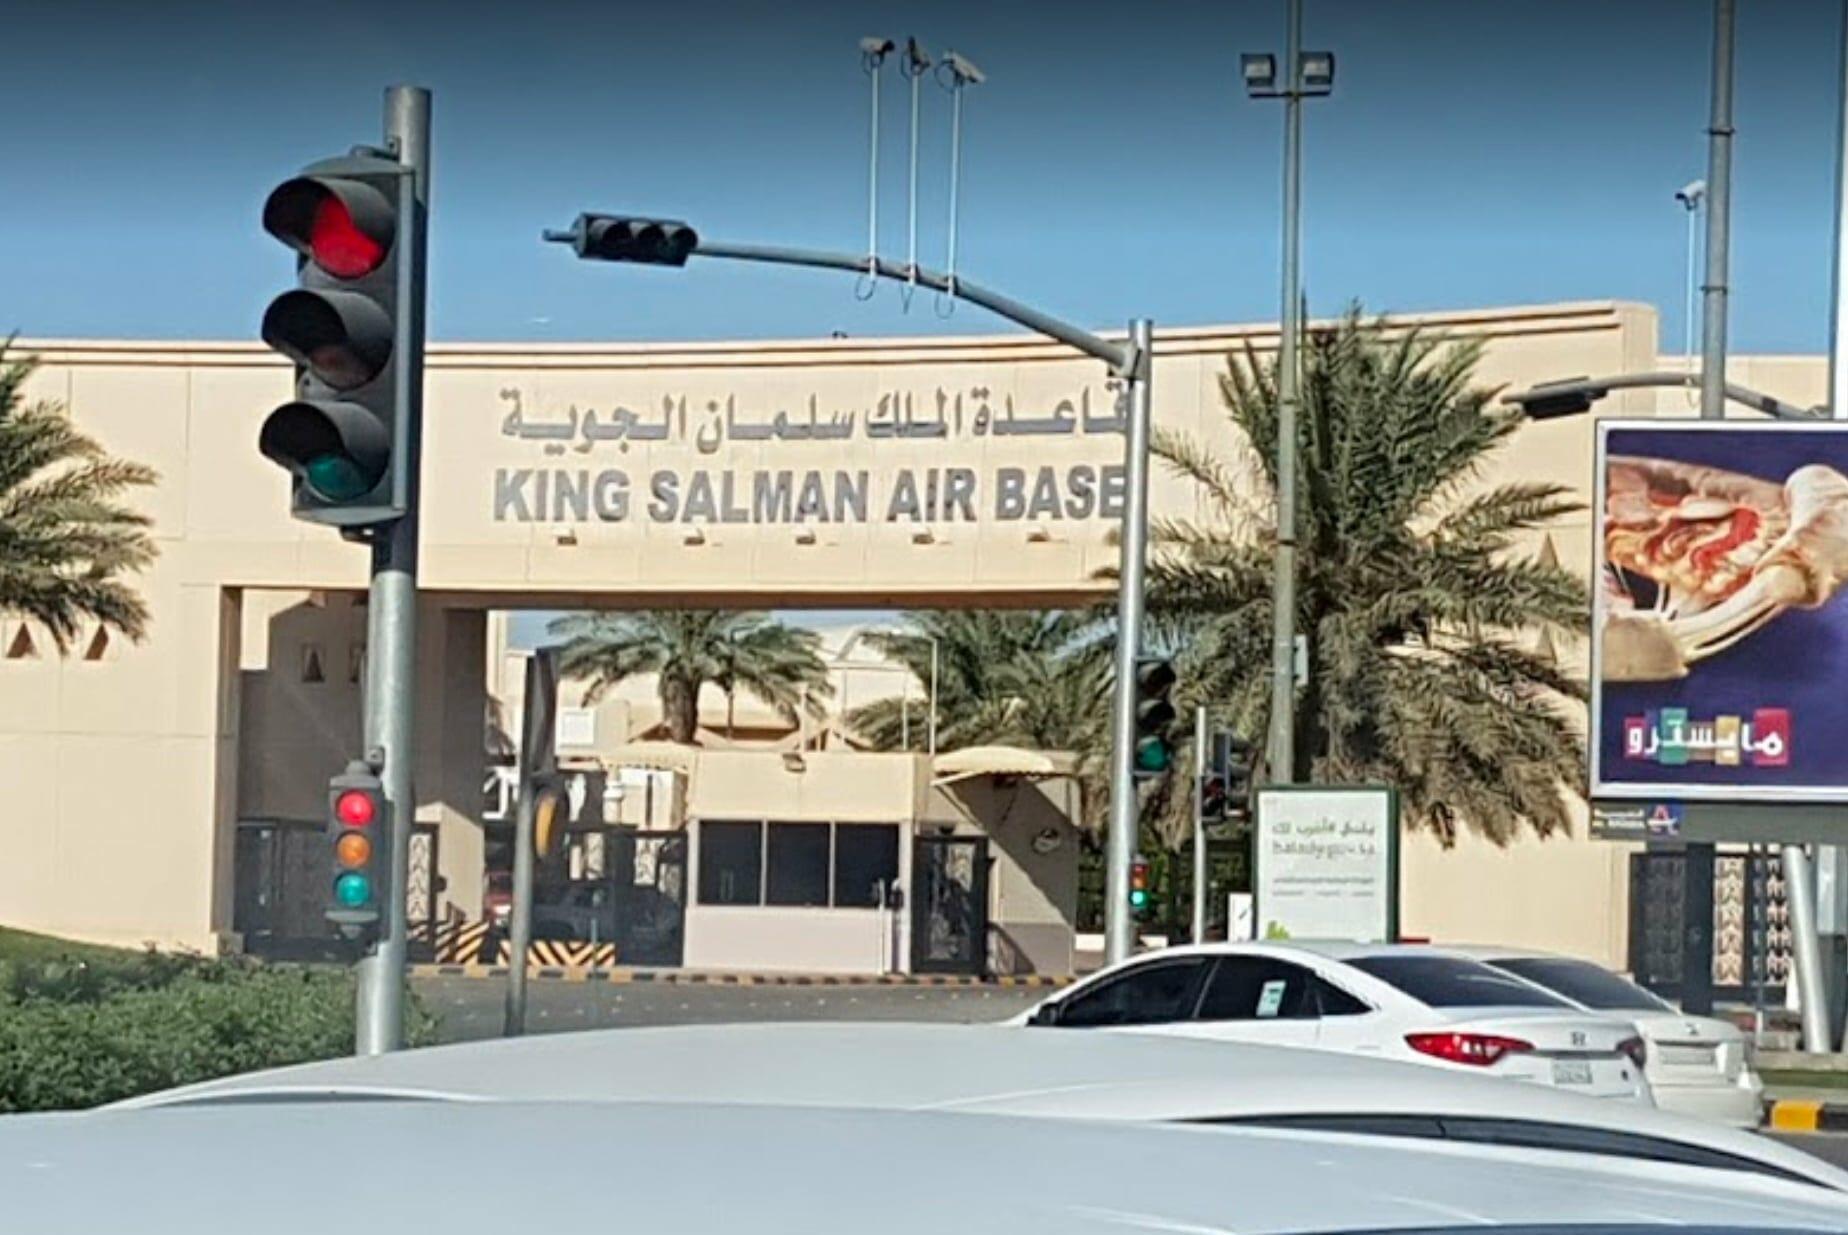 تحقيق يكشف بالأدلة القاطعة الجهة المسؤولة عن قصف الرياض المجهول